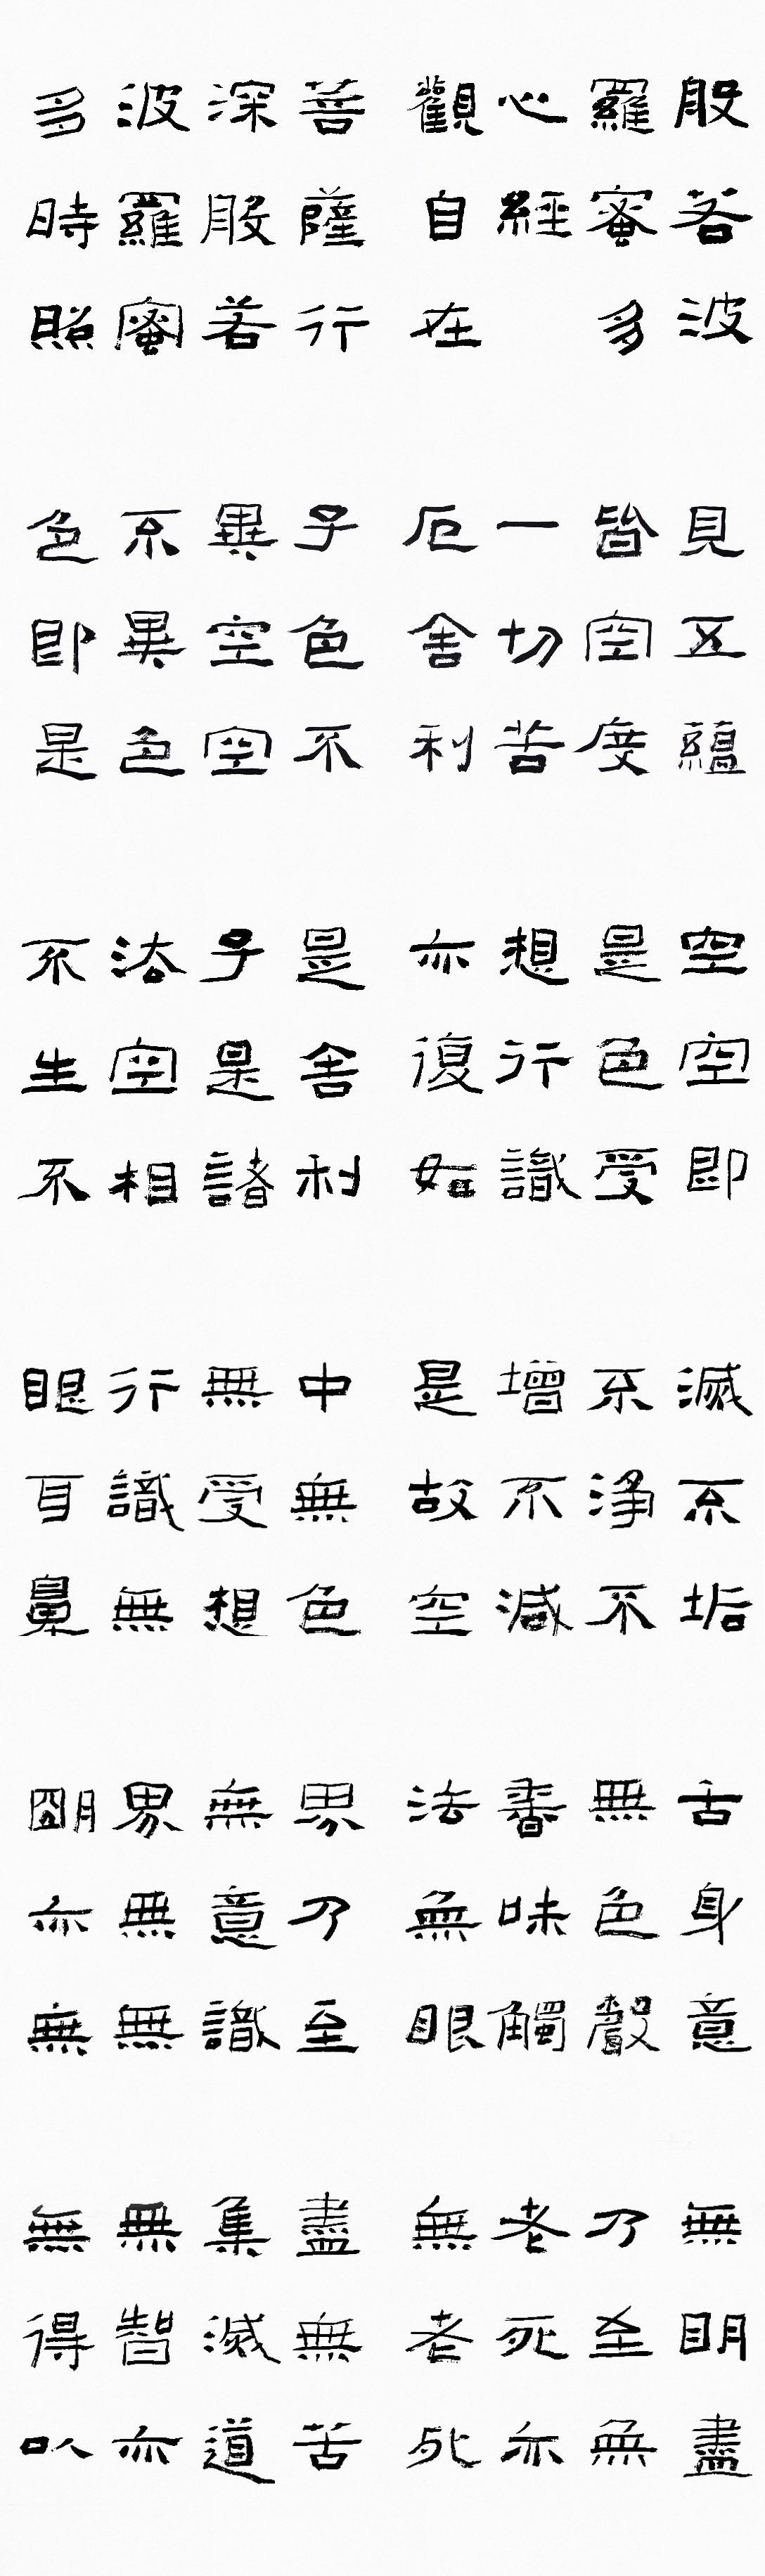 当代书法家刘文华隶书《般若波罗蜜多心经》